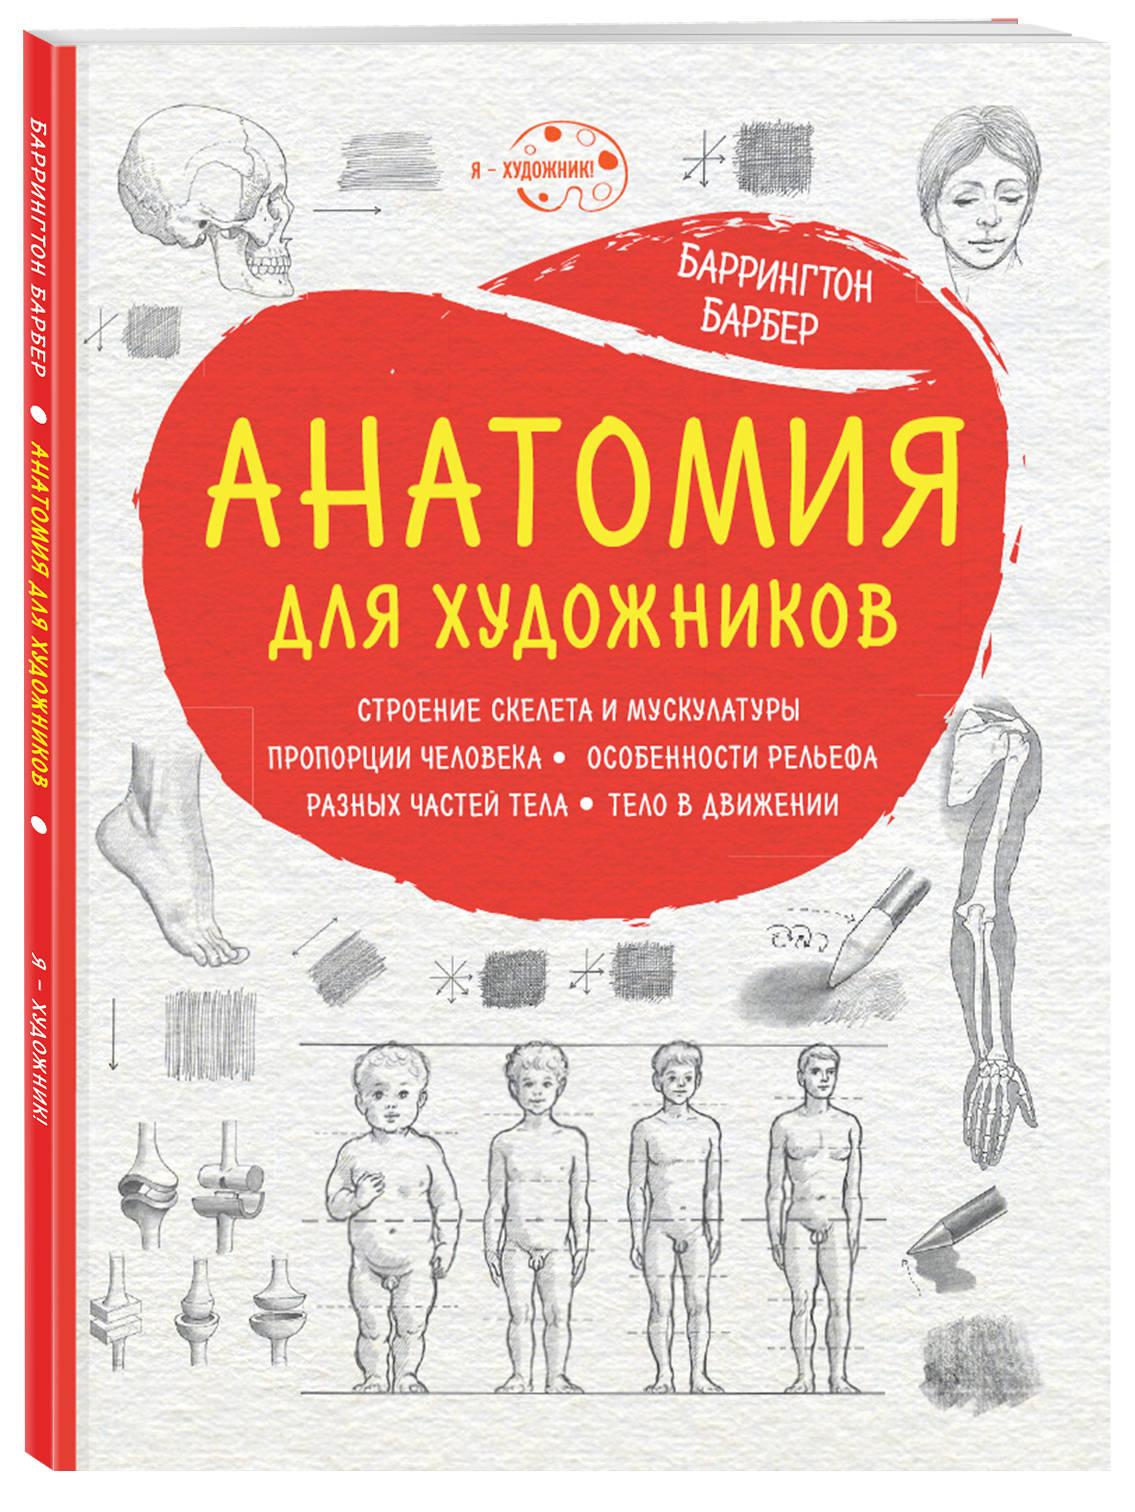 Анатомия для художников (нов. оф.) ( Барбер Баррингтон  )